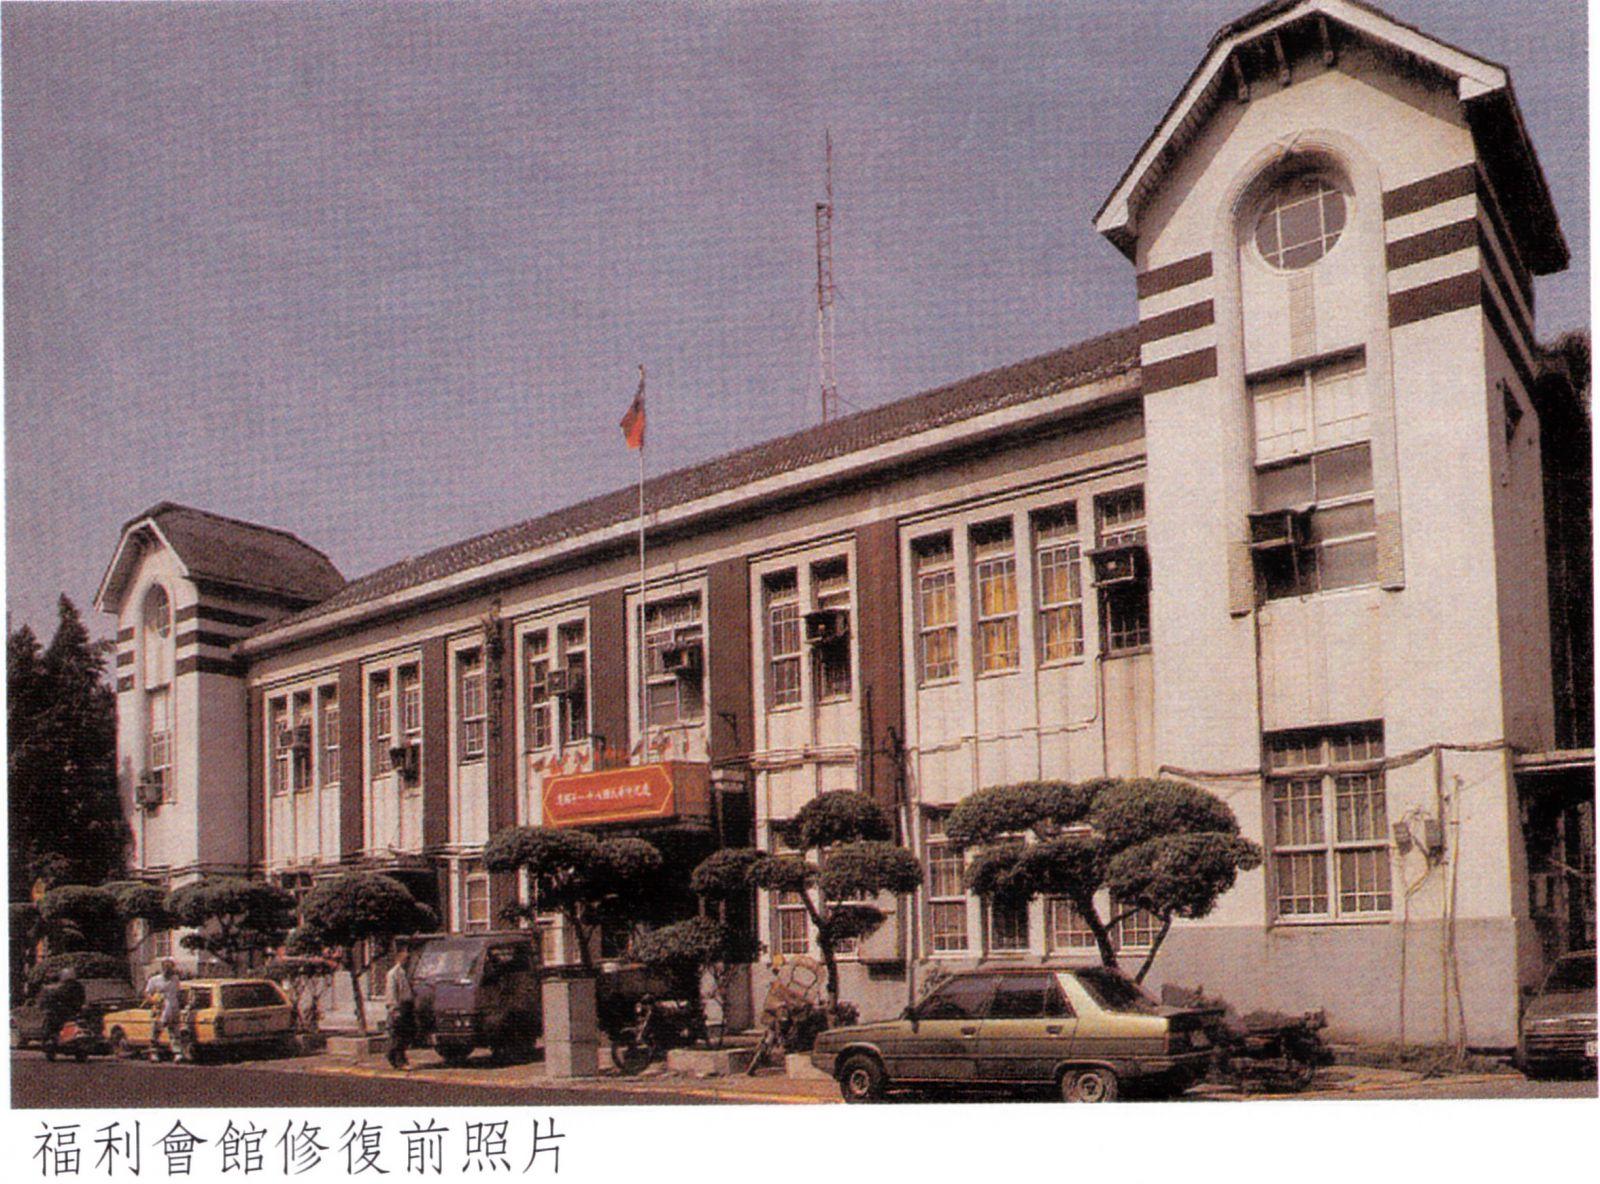 臺北市衛生局時期照片